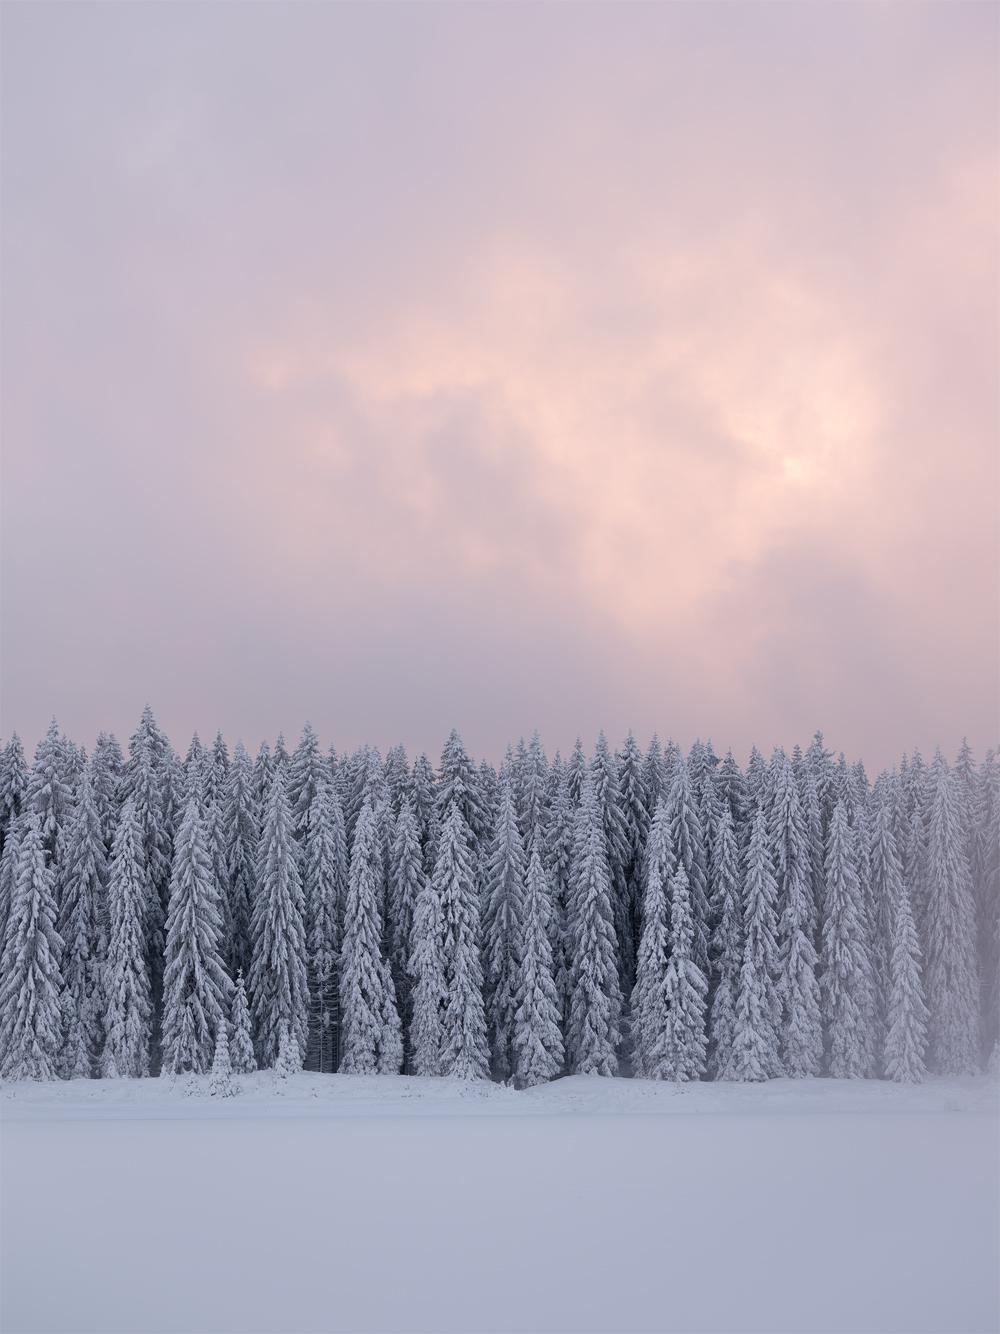 Snow Soldiers, Saxony, Germany by Nils Leonhardt